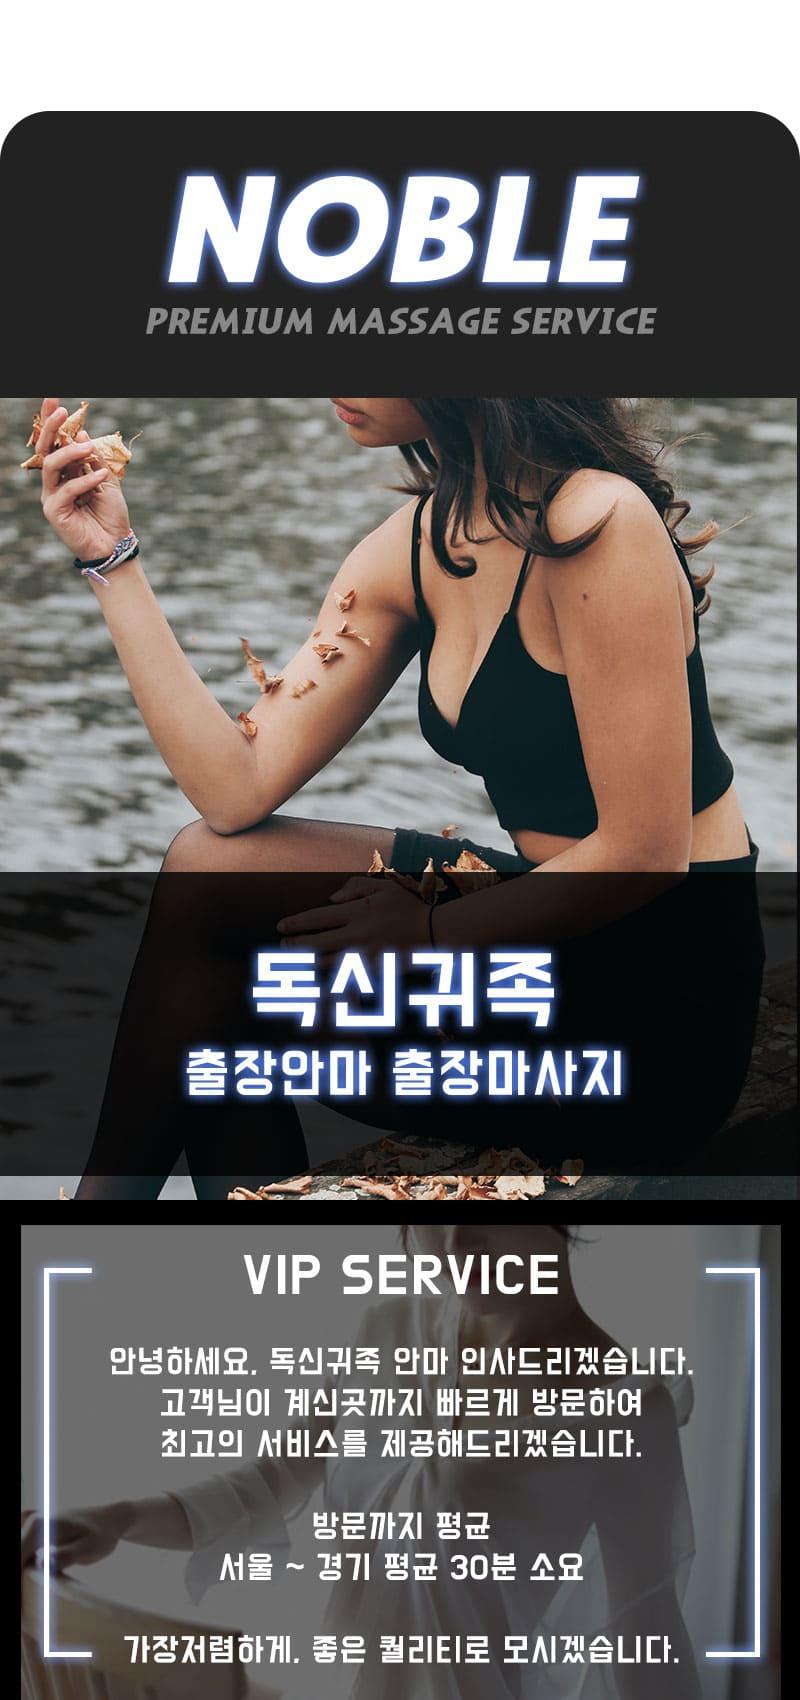 고잔동출장안마 소개